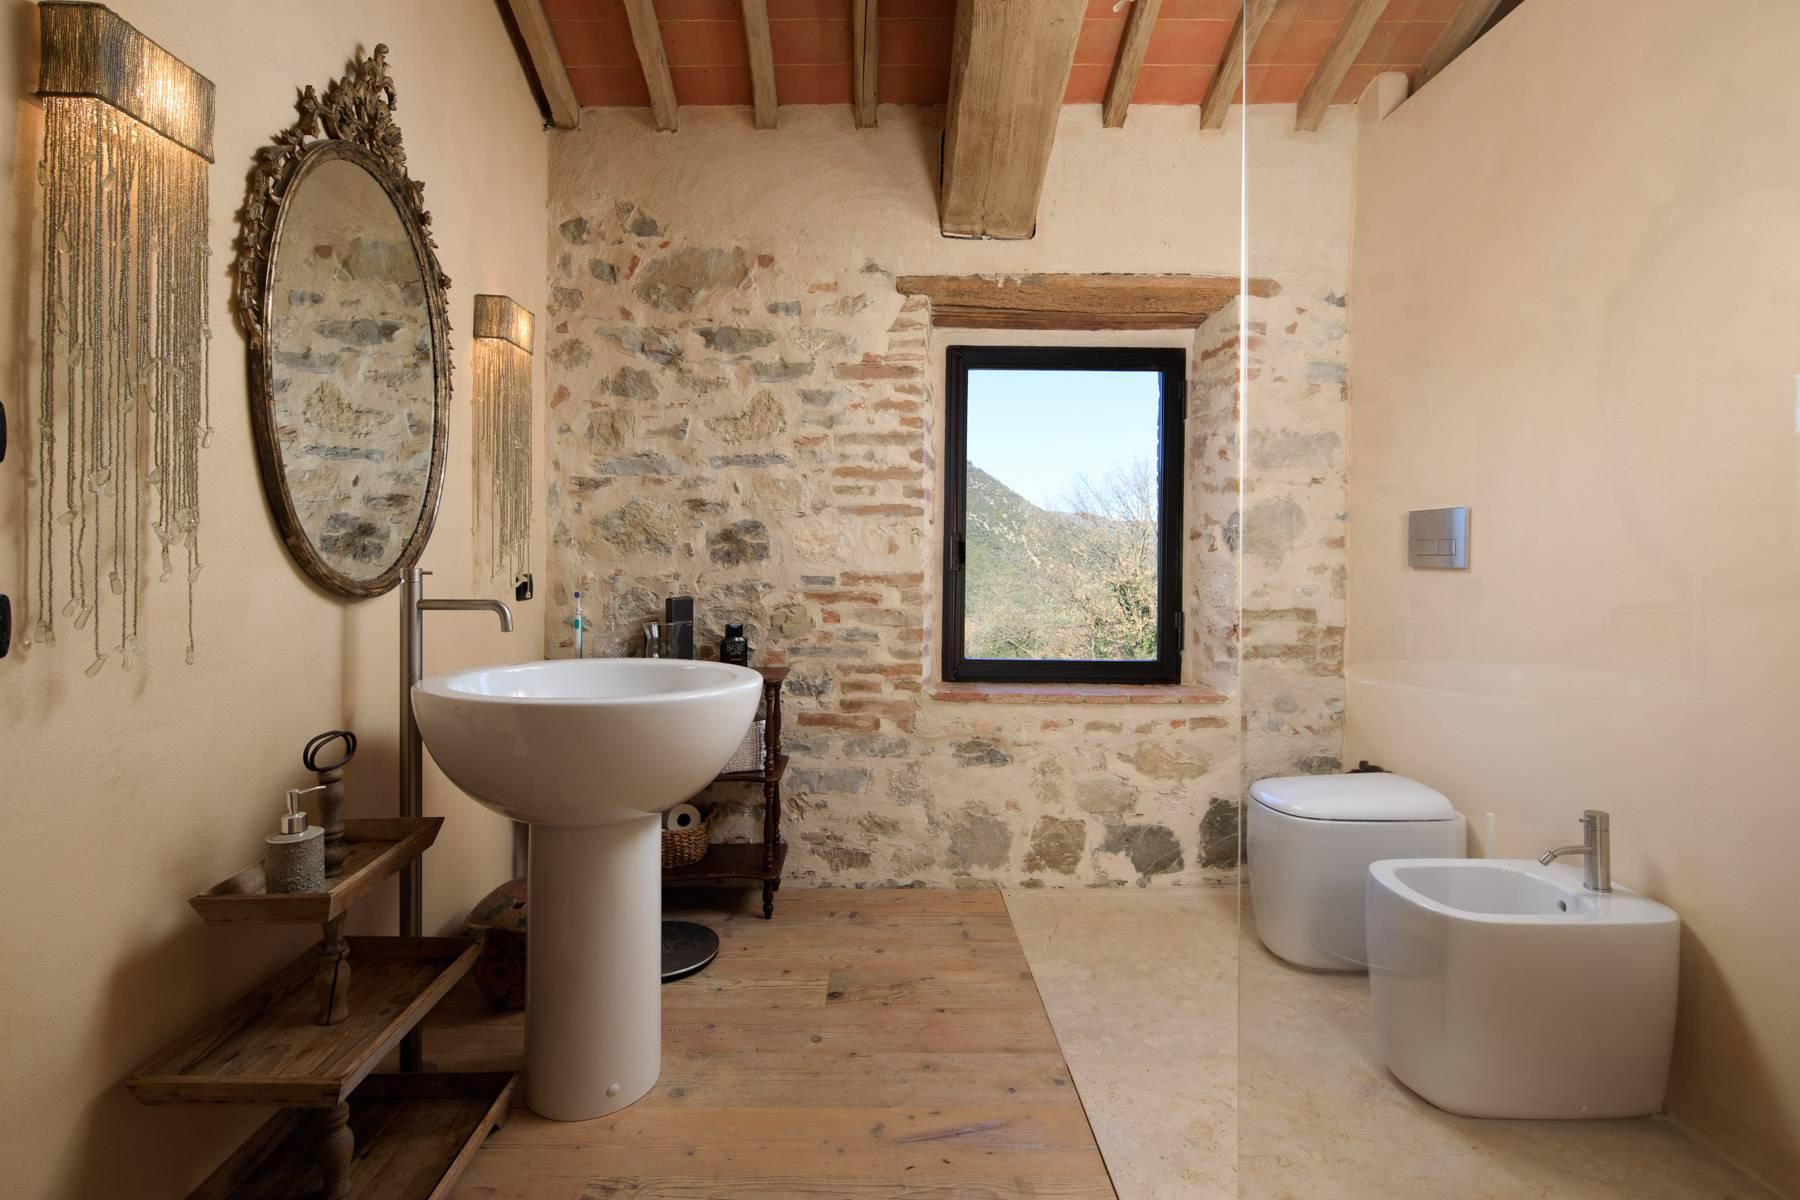 Rustico in Vendita a Castiglione D'Orcia: 5 locali, 716 mq - Foto 27